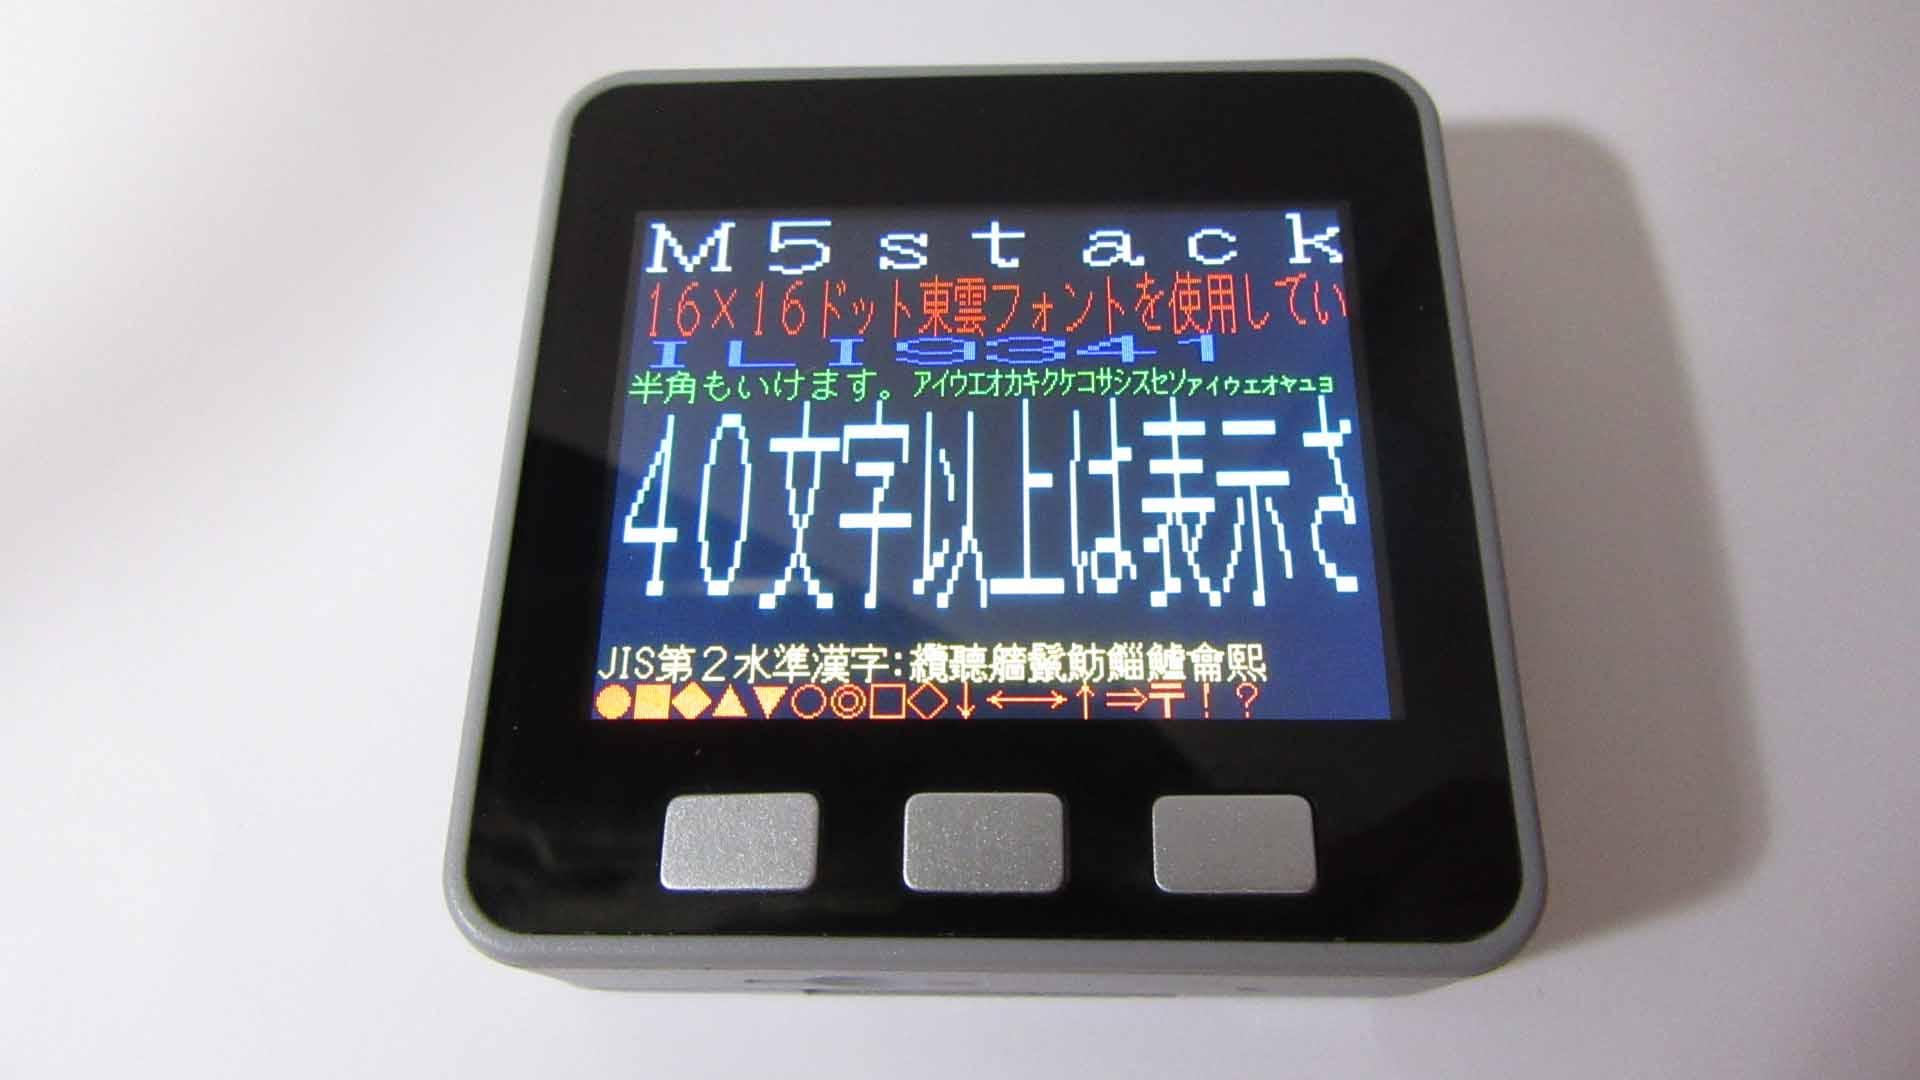 M5stack の LCD に日本語漢字フォントを表示したりスクロールしたり